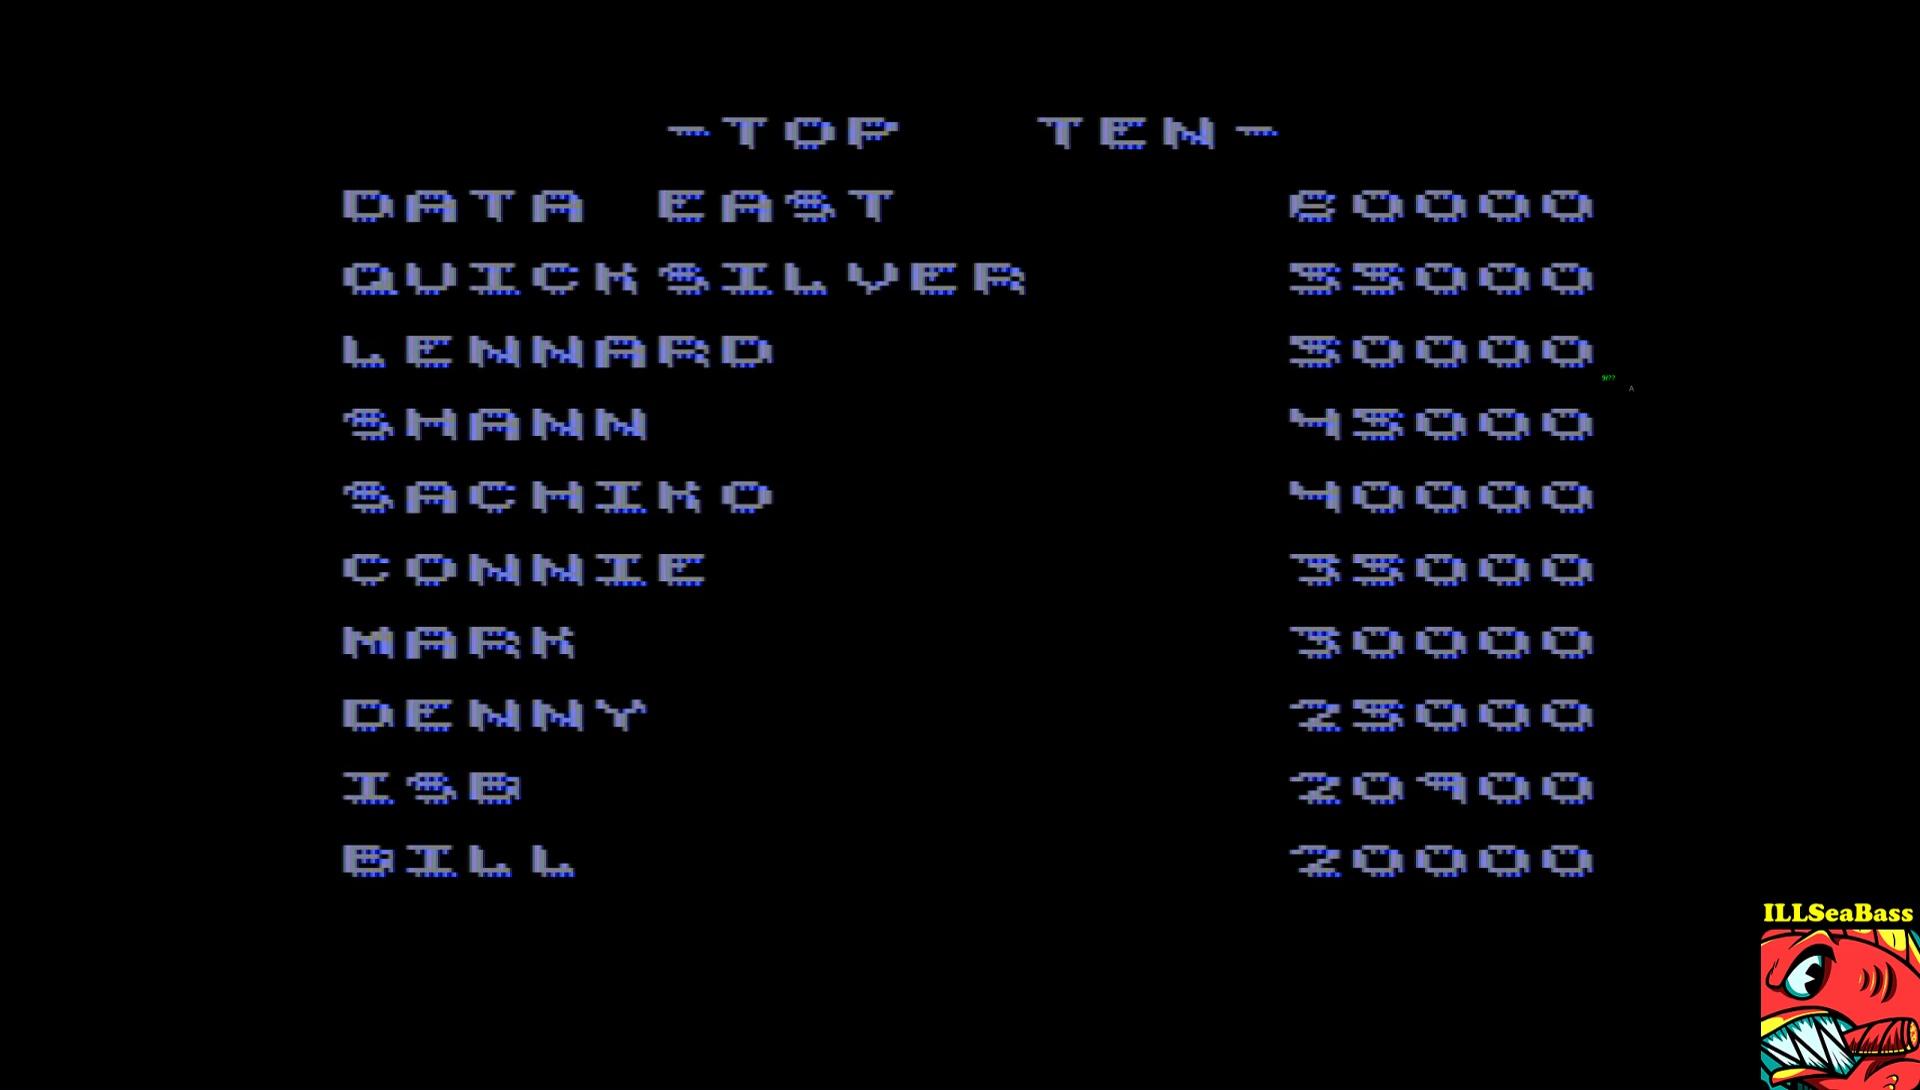 ILLSeaBass: Heavy Barrel (Apple II Emulated) 20,900 points on 2017-03-12 03:10:25